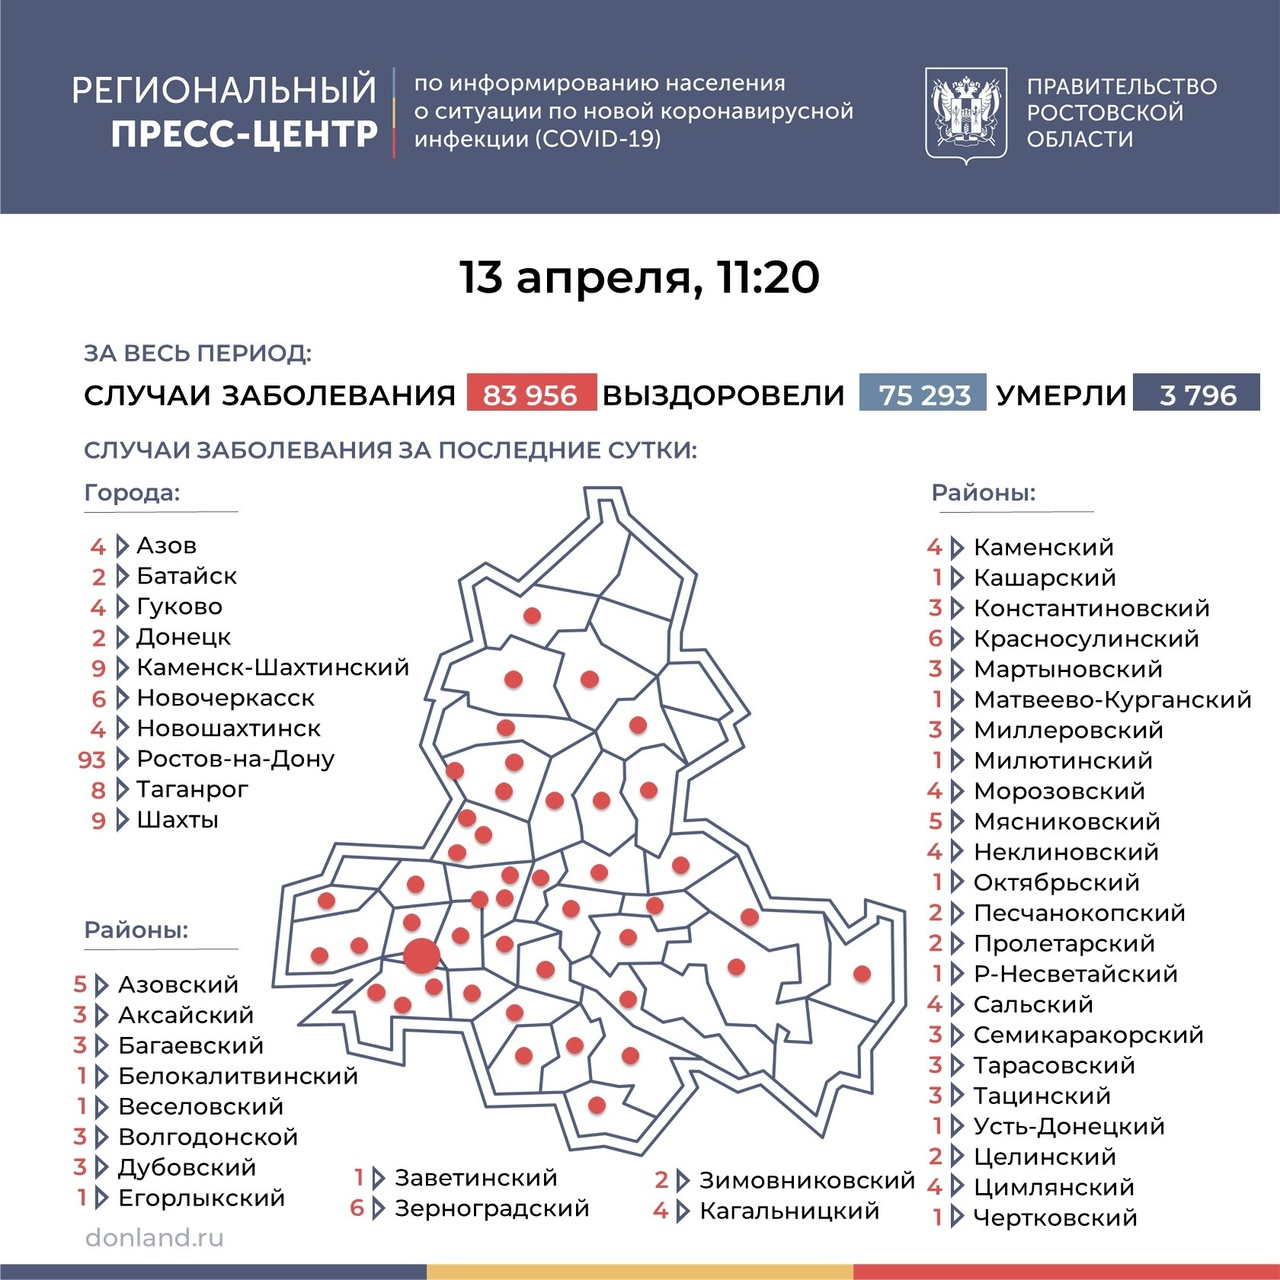 На Дону число инфицированных COVID-19 составляет 236, в Таганроге 8 новых случаев